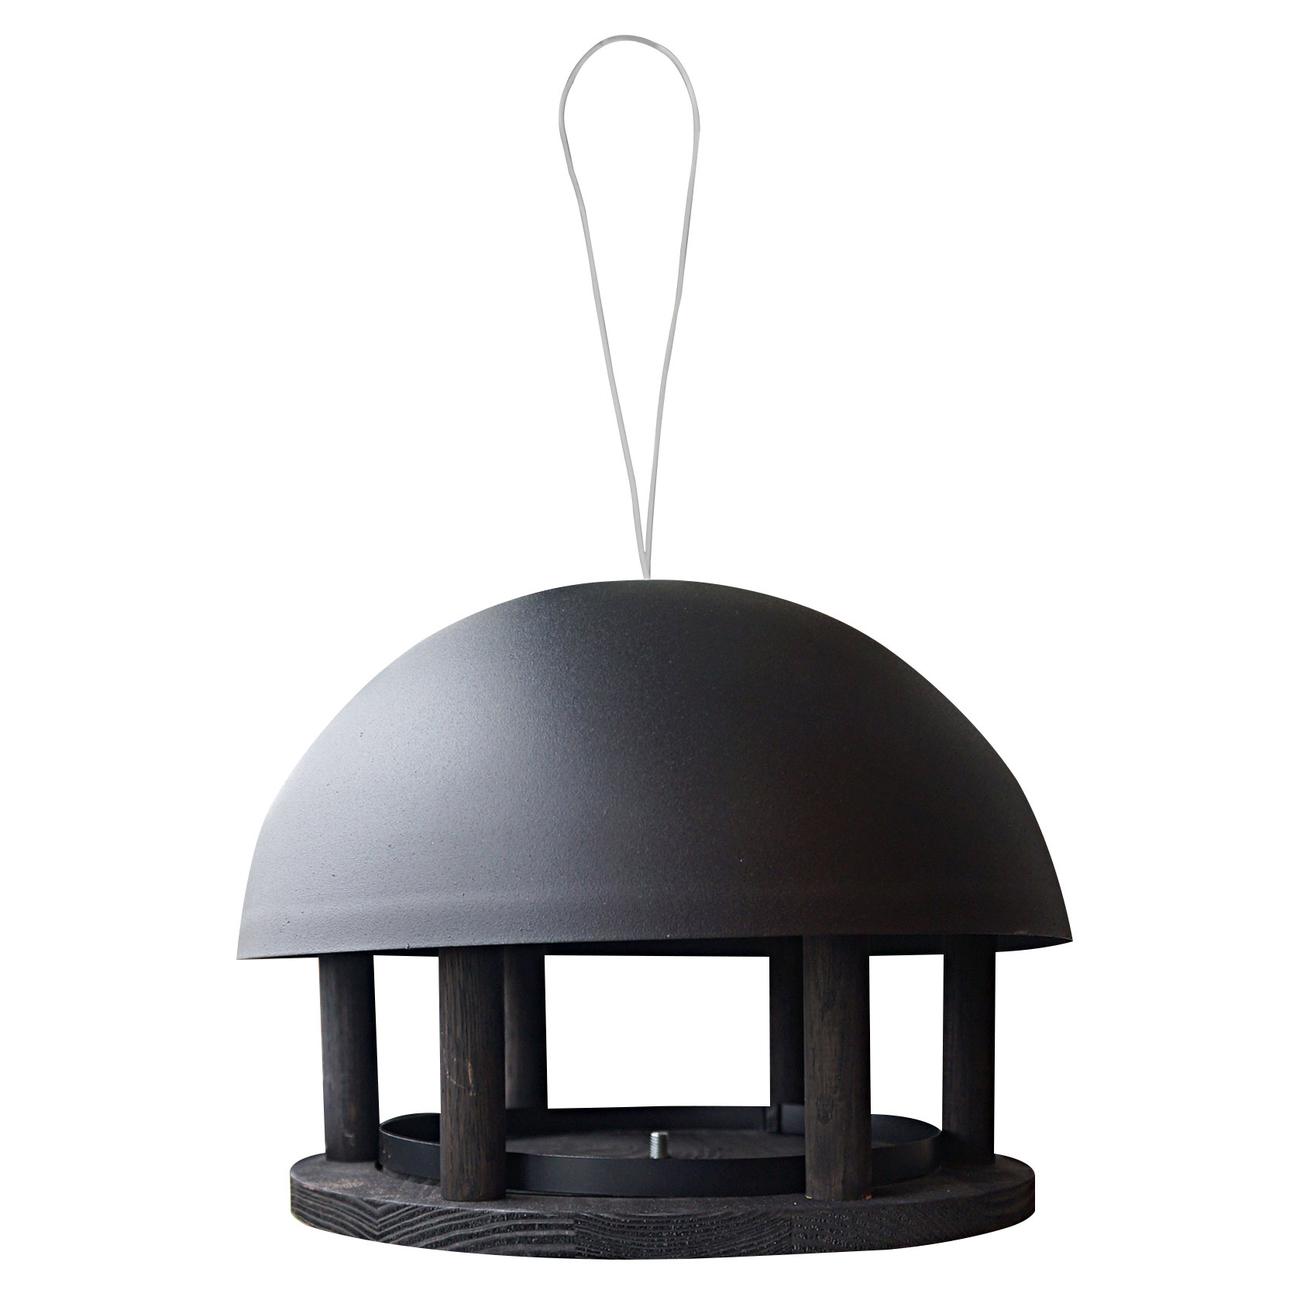 GARDENLIFE Vogelfutterhaus Dome Black zum Aufhängen